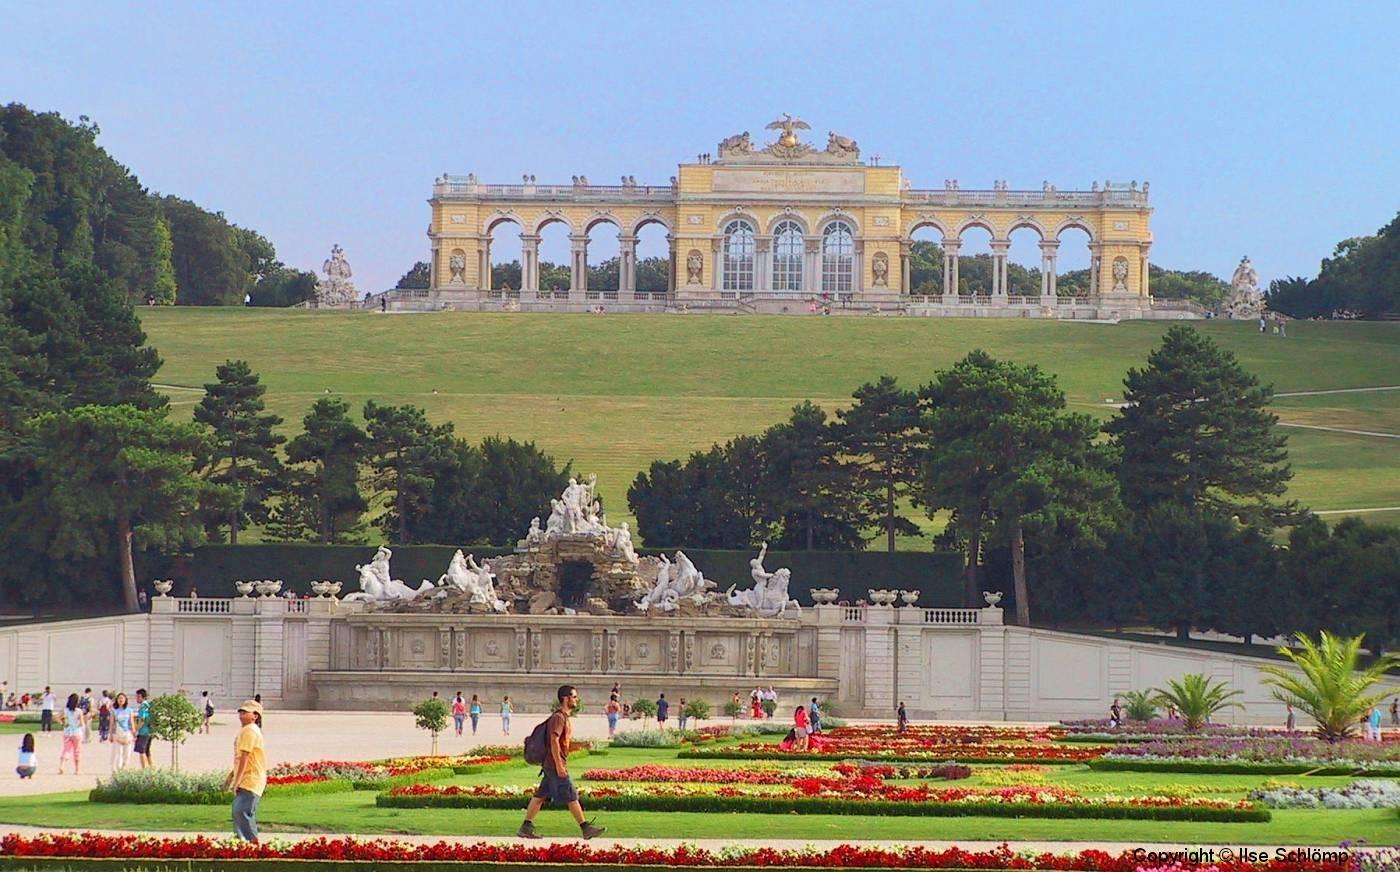 Wien, Schlosspark Schönbrunn, Blick auf den Neptunbrunnen und dahinter die Gloriette